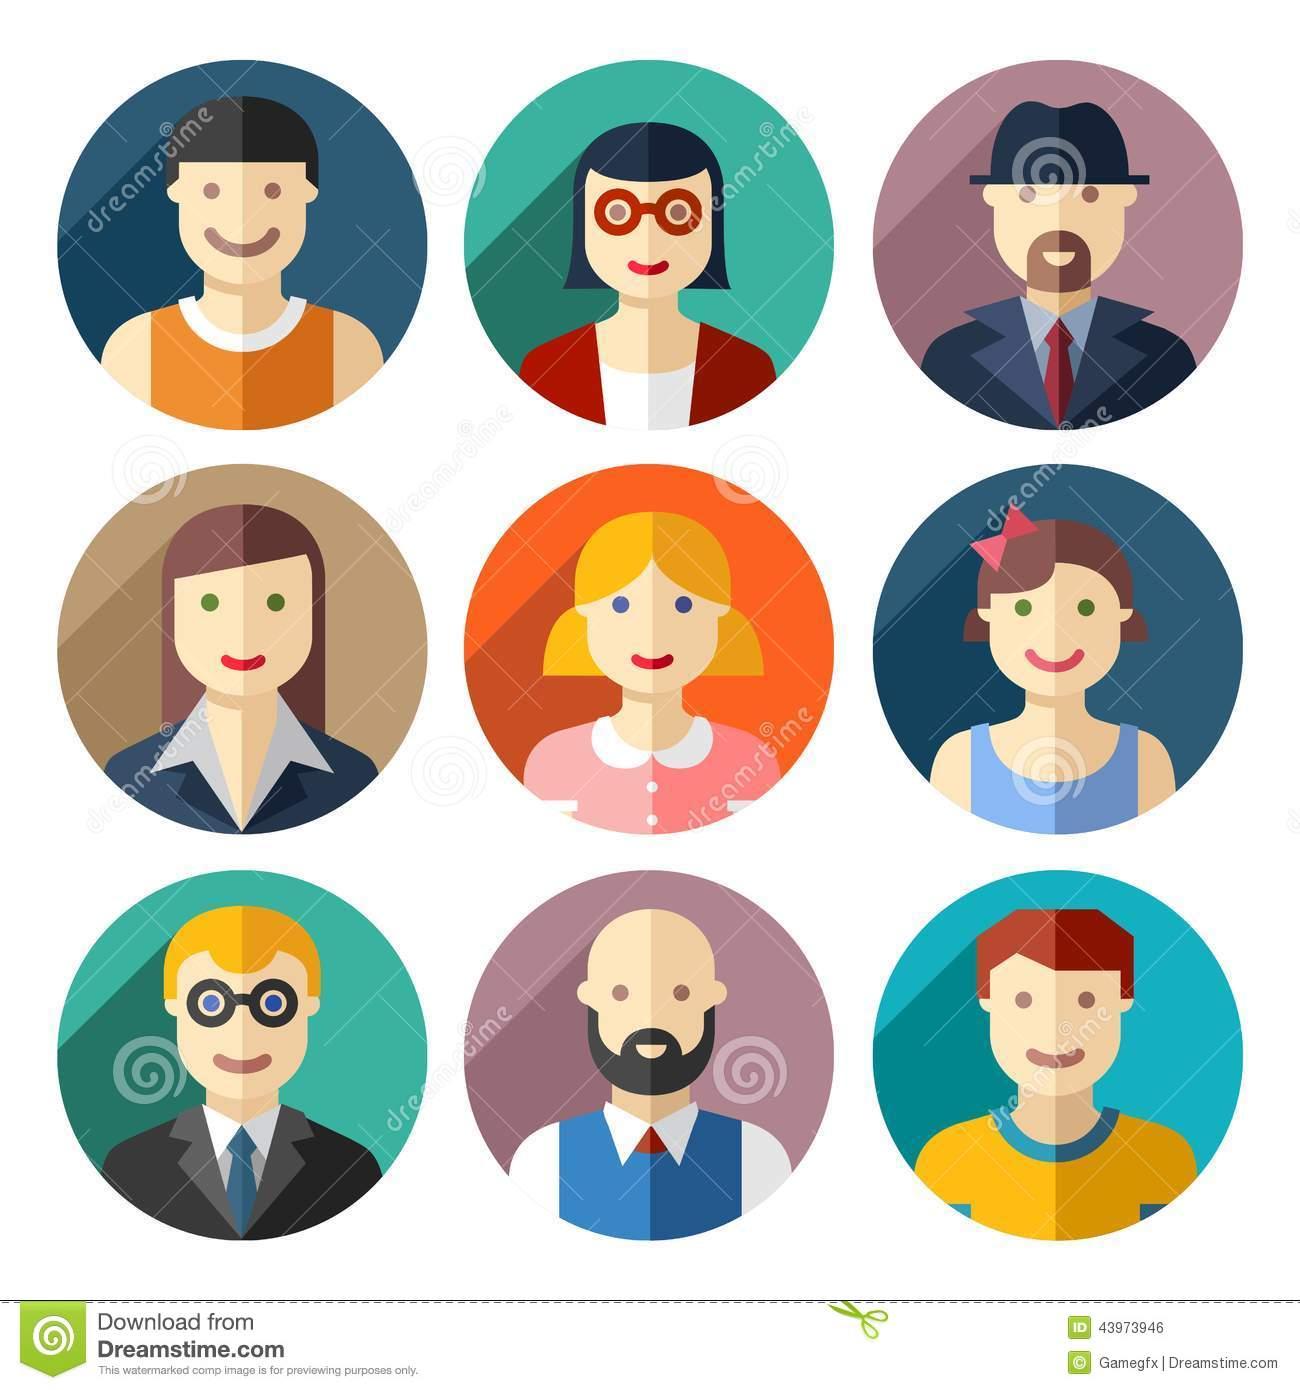 Flat Icons People Avatars